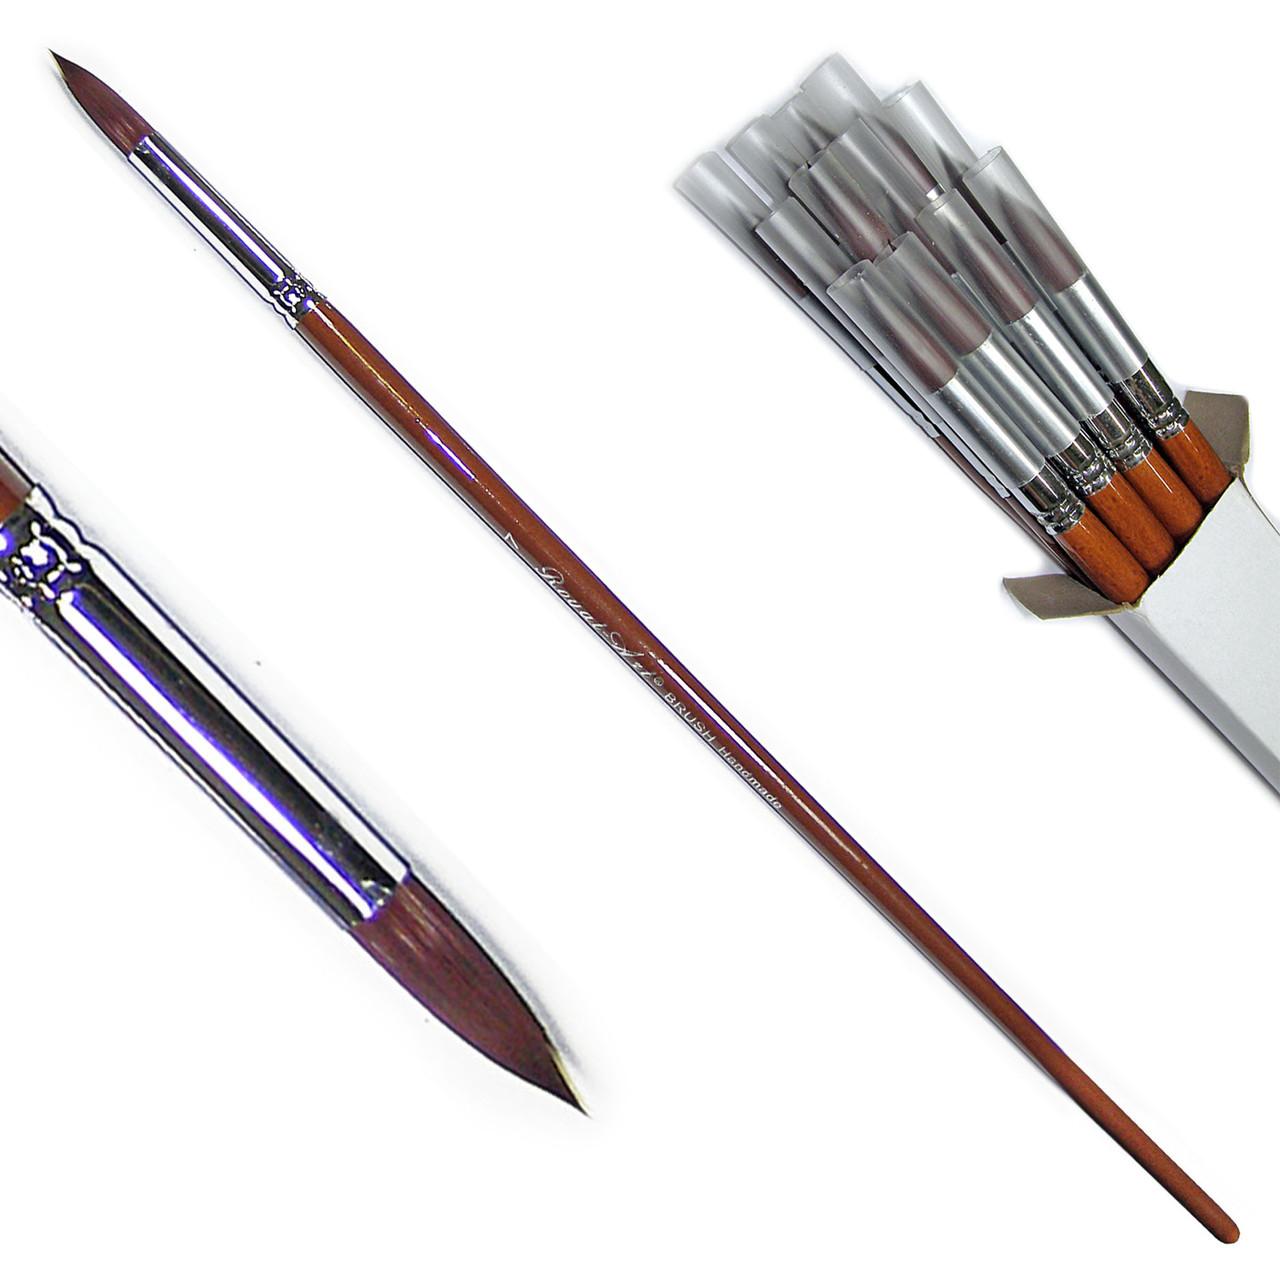 Кисти НЕЙЛОН - №07, RA9127#7, круглые, длинная ручка.